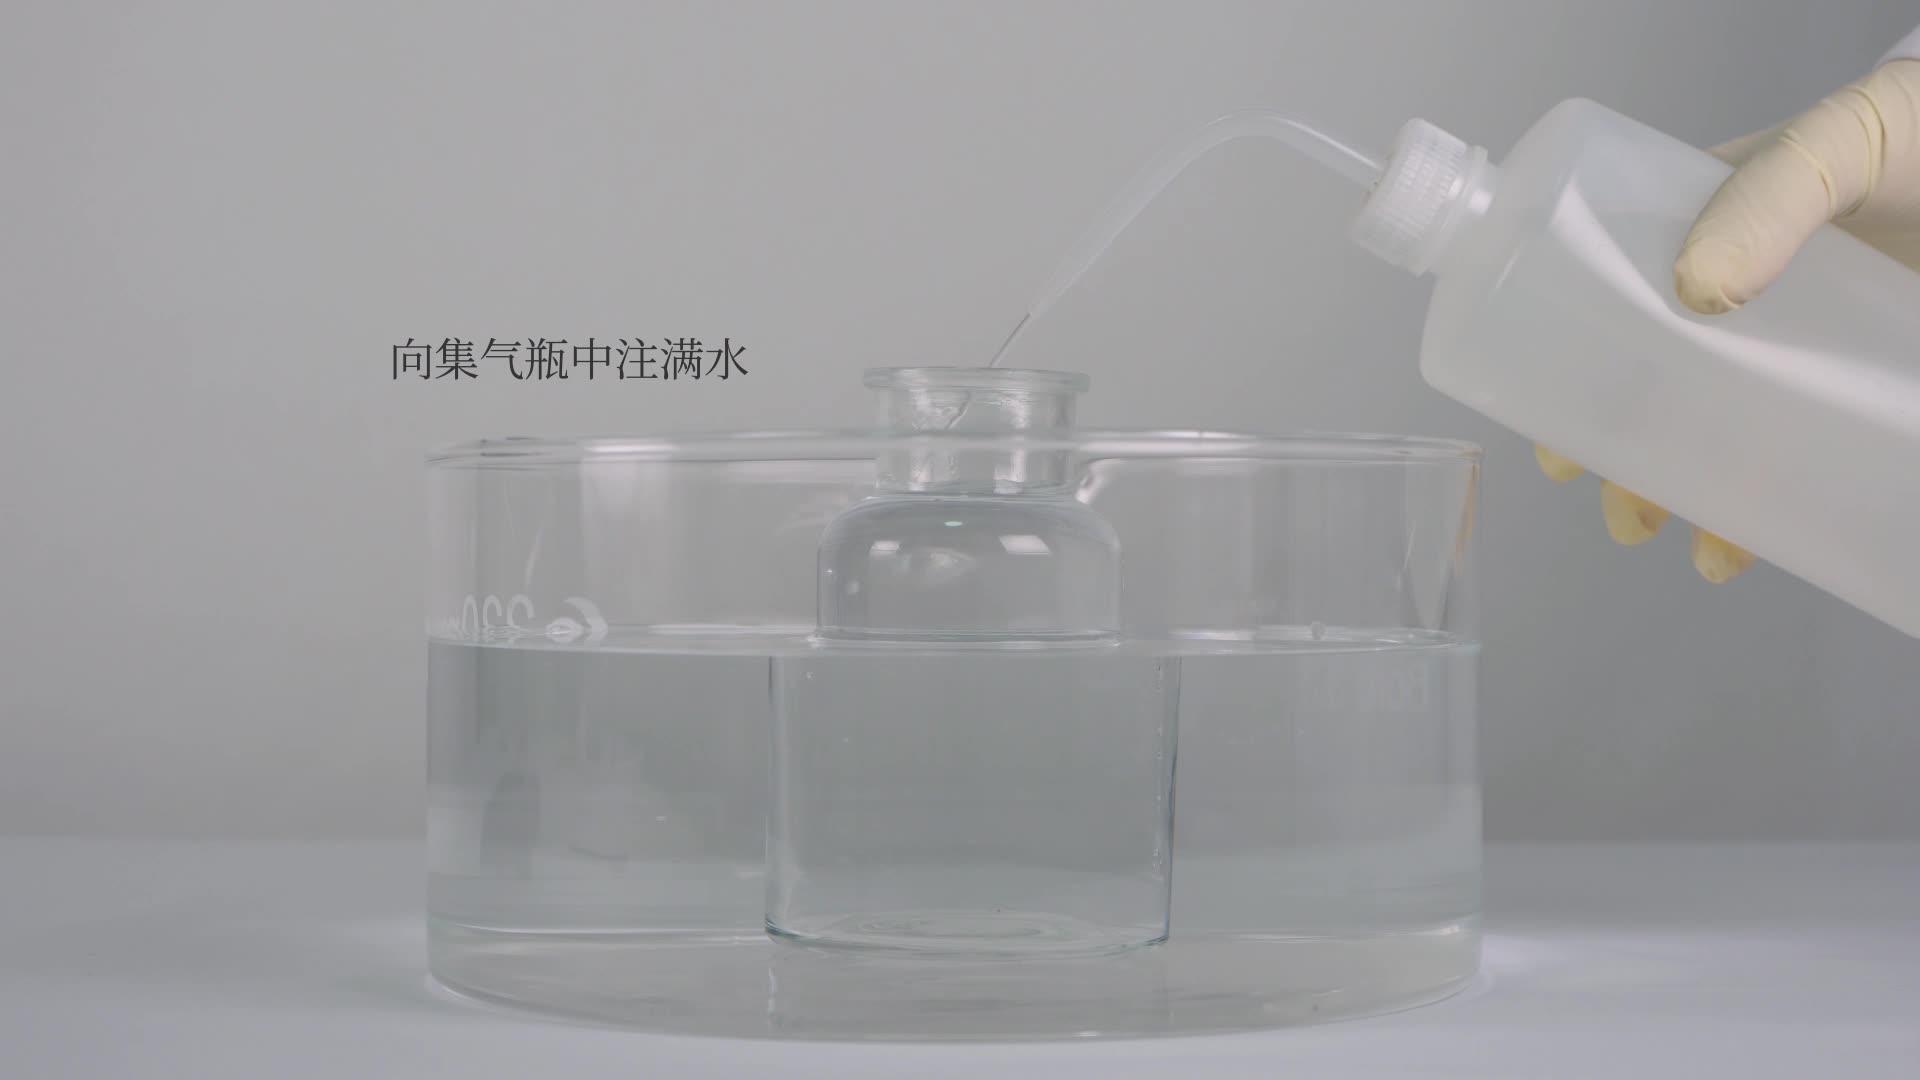 【限时折扣】2.3 过氧化氢分解制氧气-【火花学院】人教版九年级化学上册实验演示视频